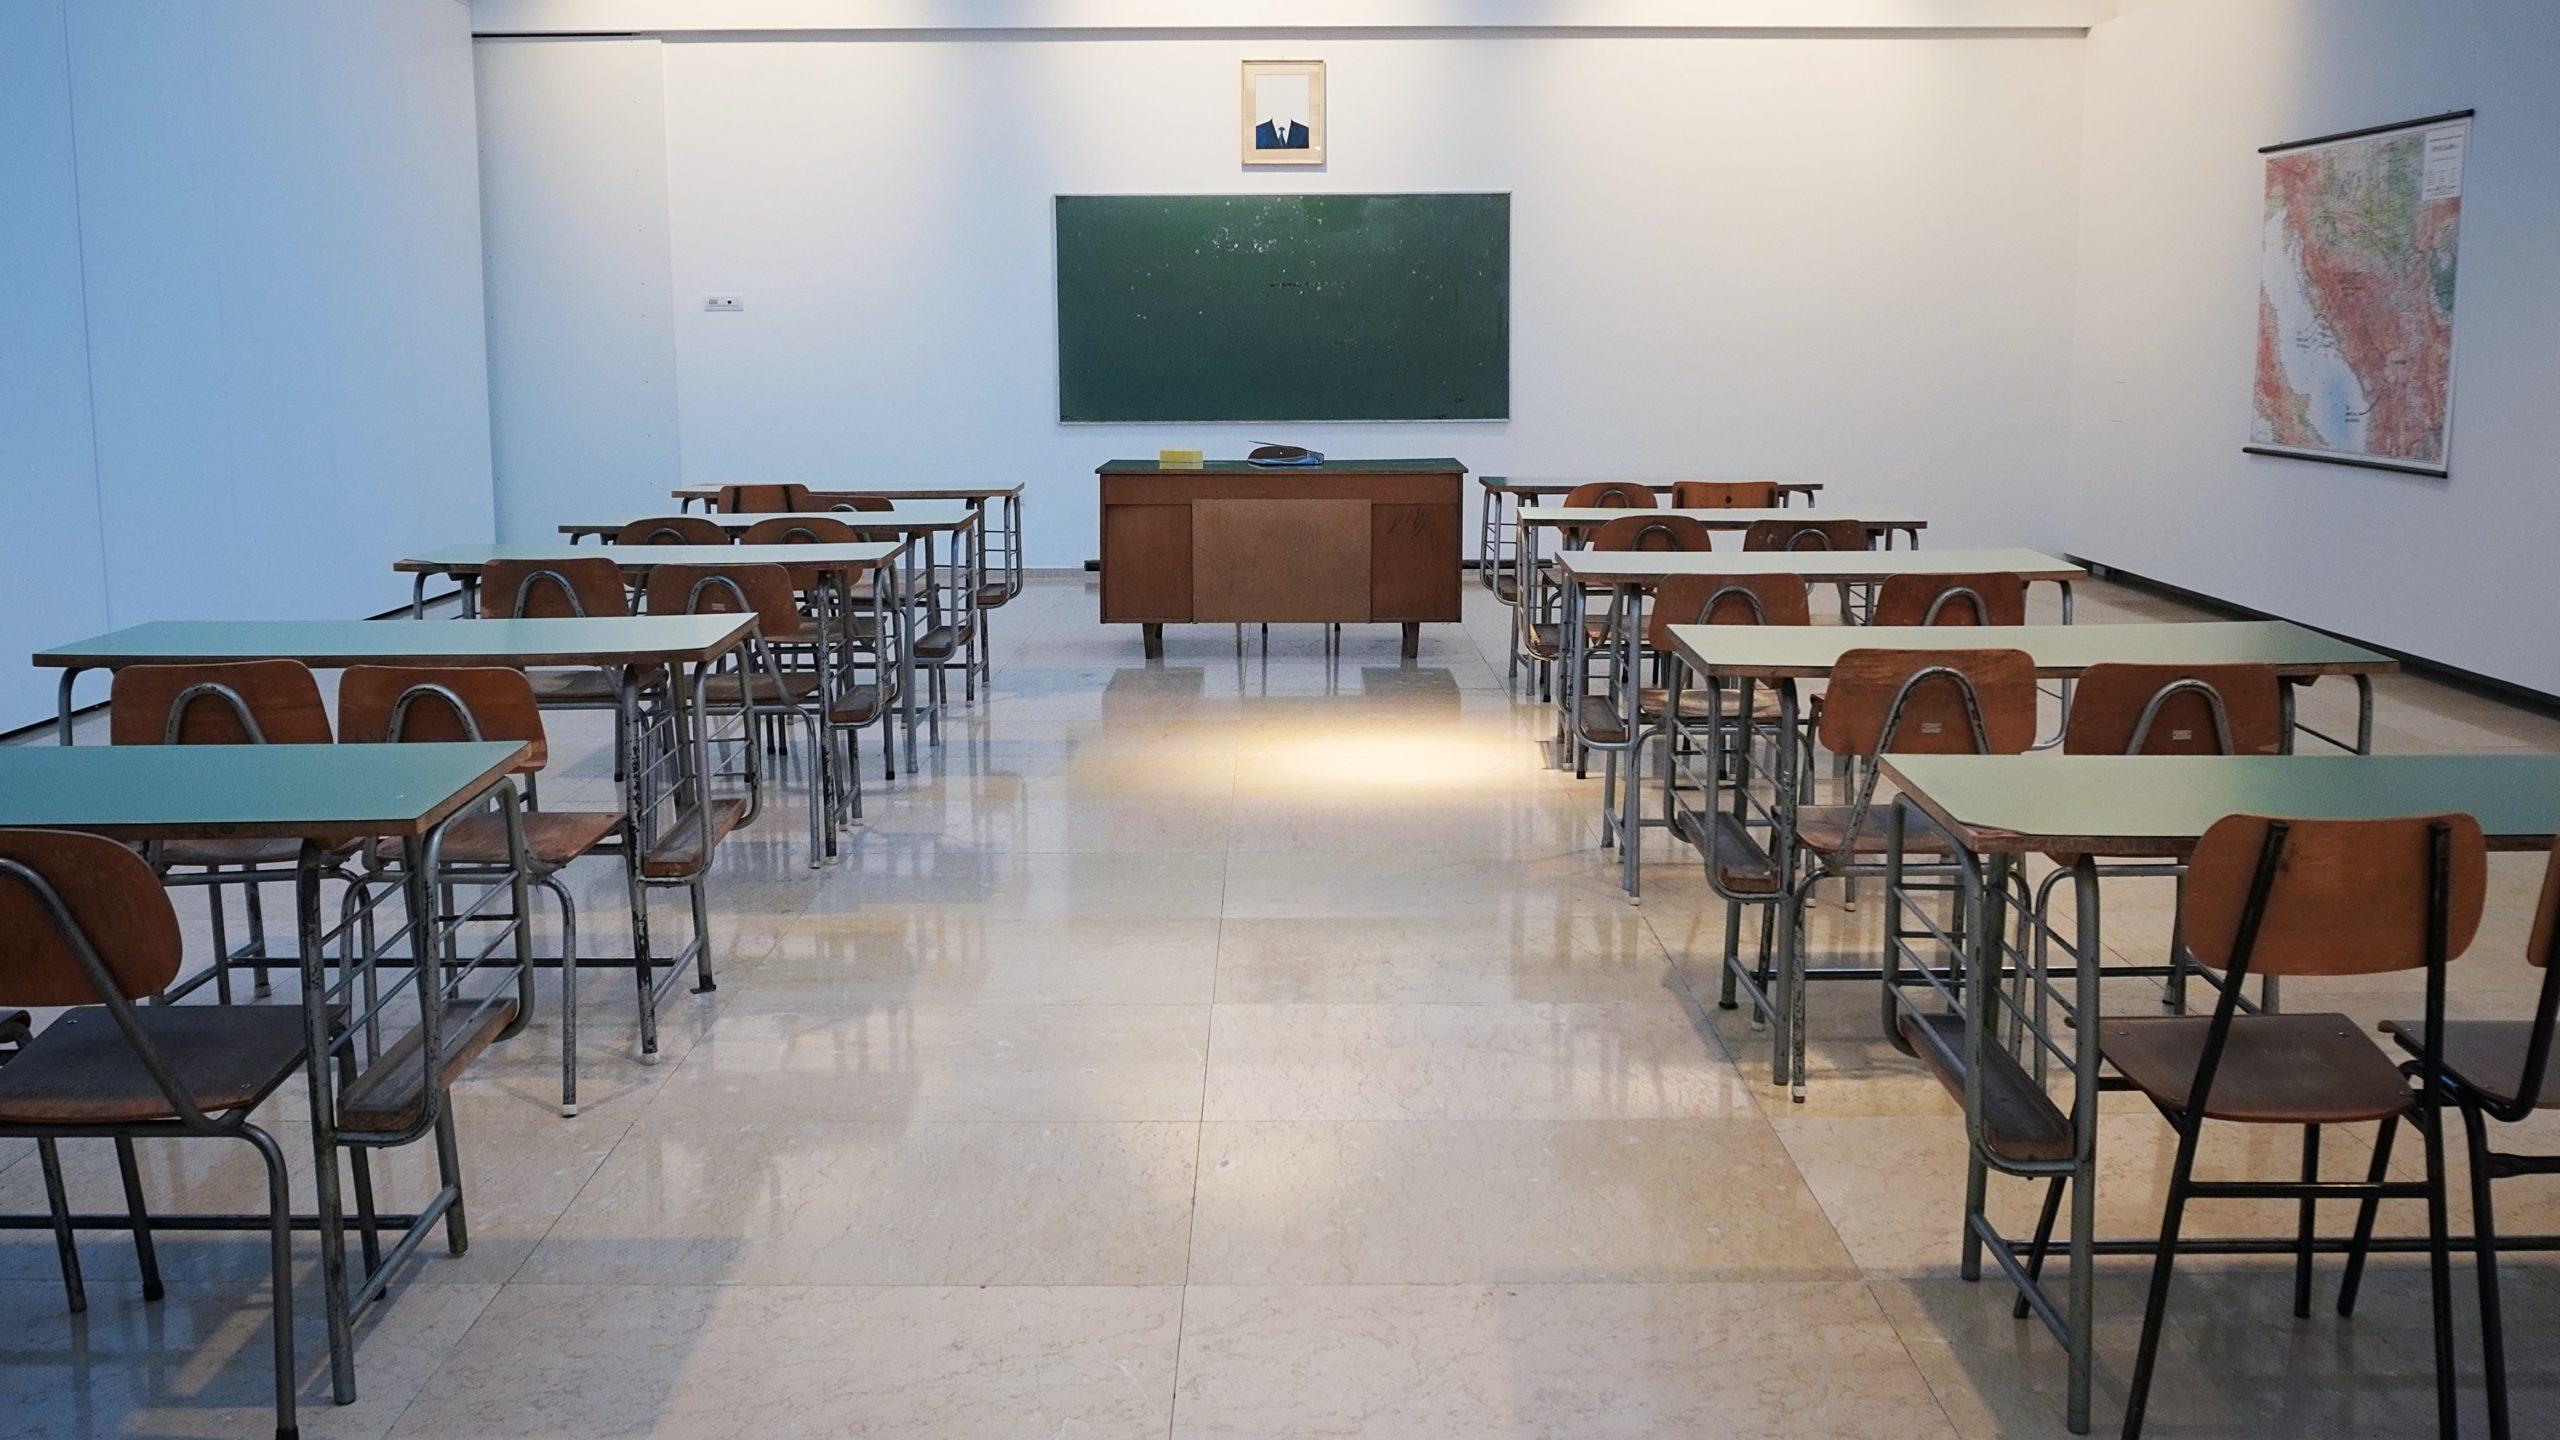 【韓国語能力試験】短期間で成果を出すには、まず試験を受けるのが大切【本気で学ぶきっかけを作る】